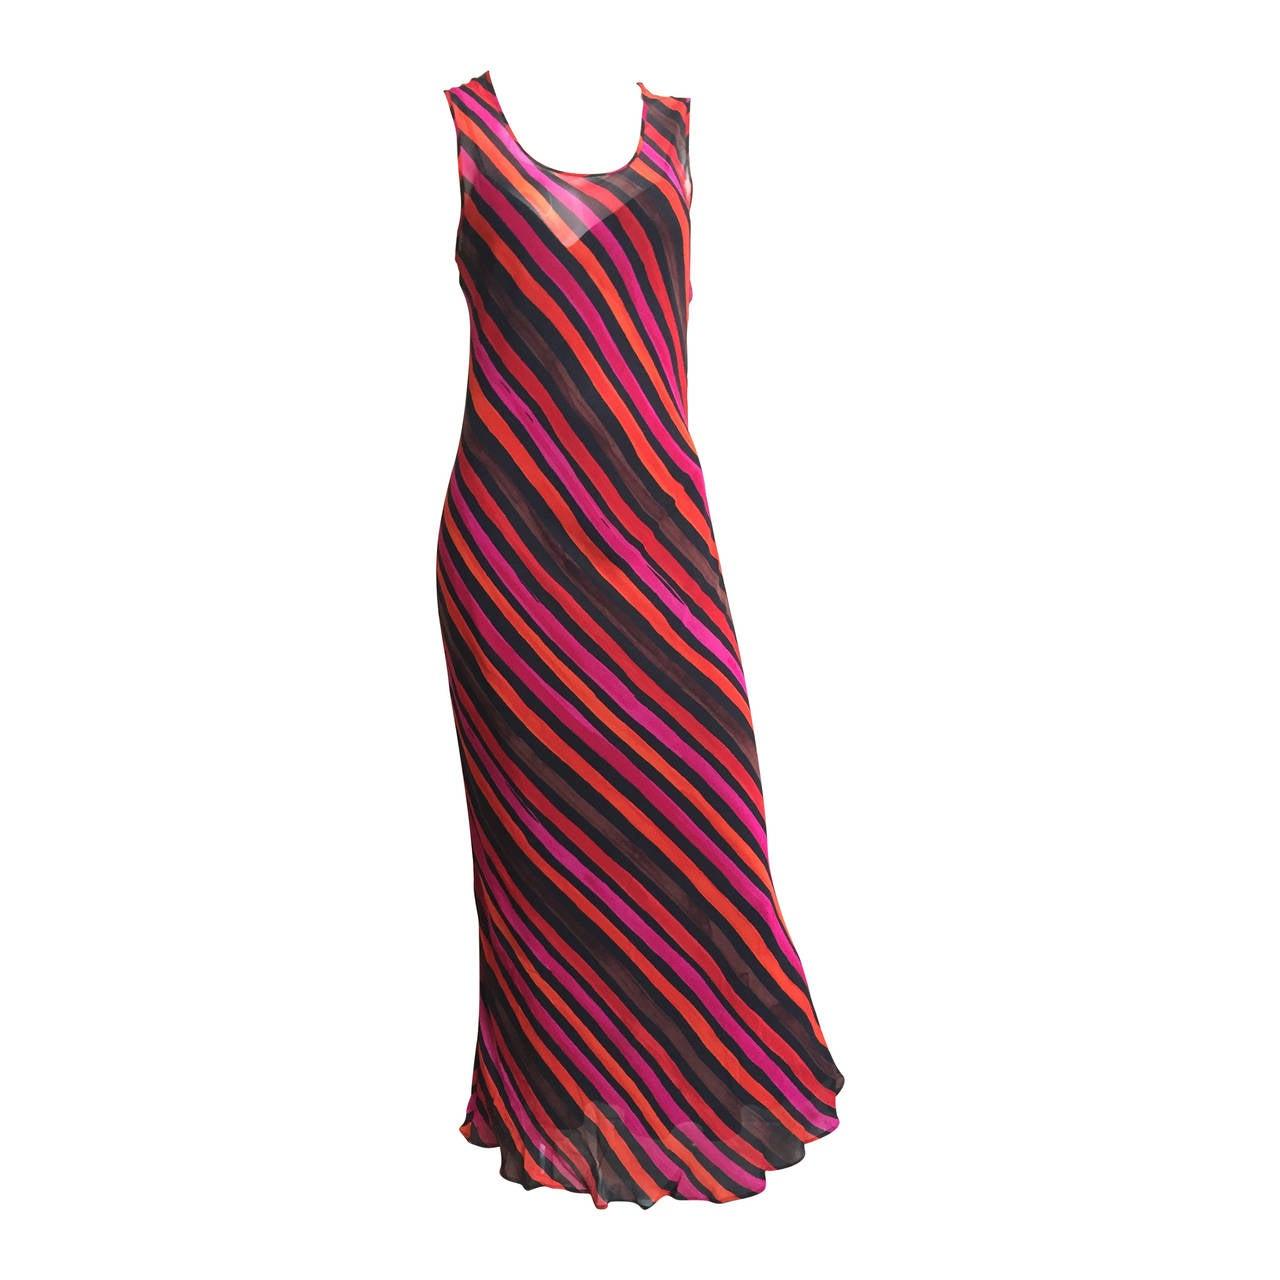 Sonia Rykiel  Striped Dress Size 4 / 6. For Sale